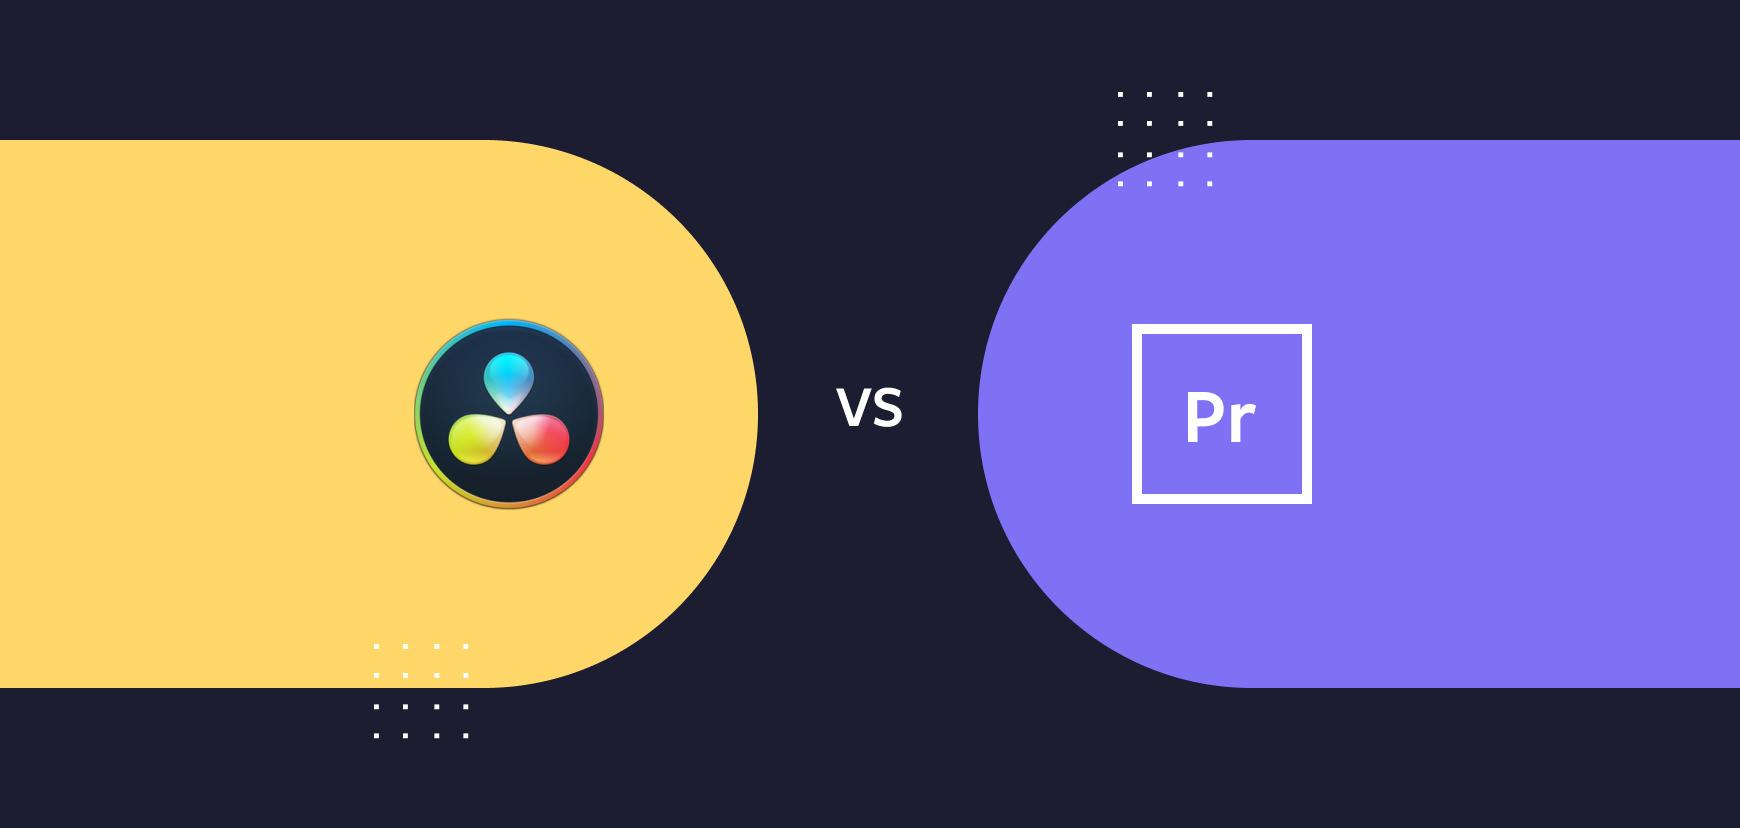 DaVinci Resolve vs Premiere Pro: How Do They Compare